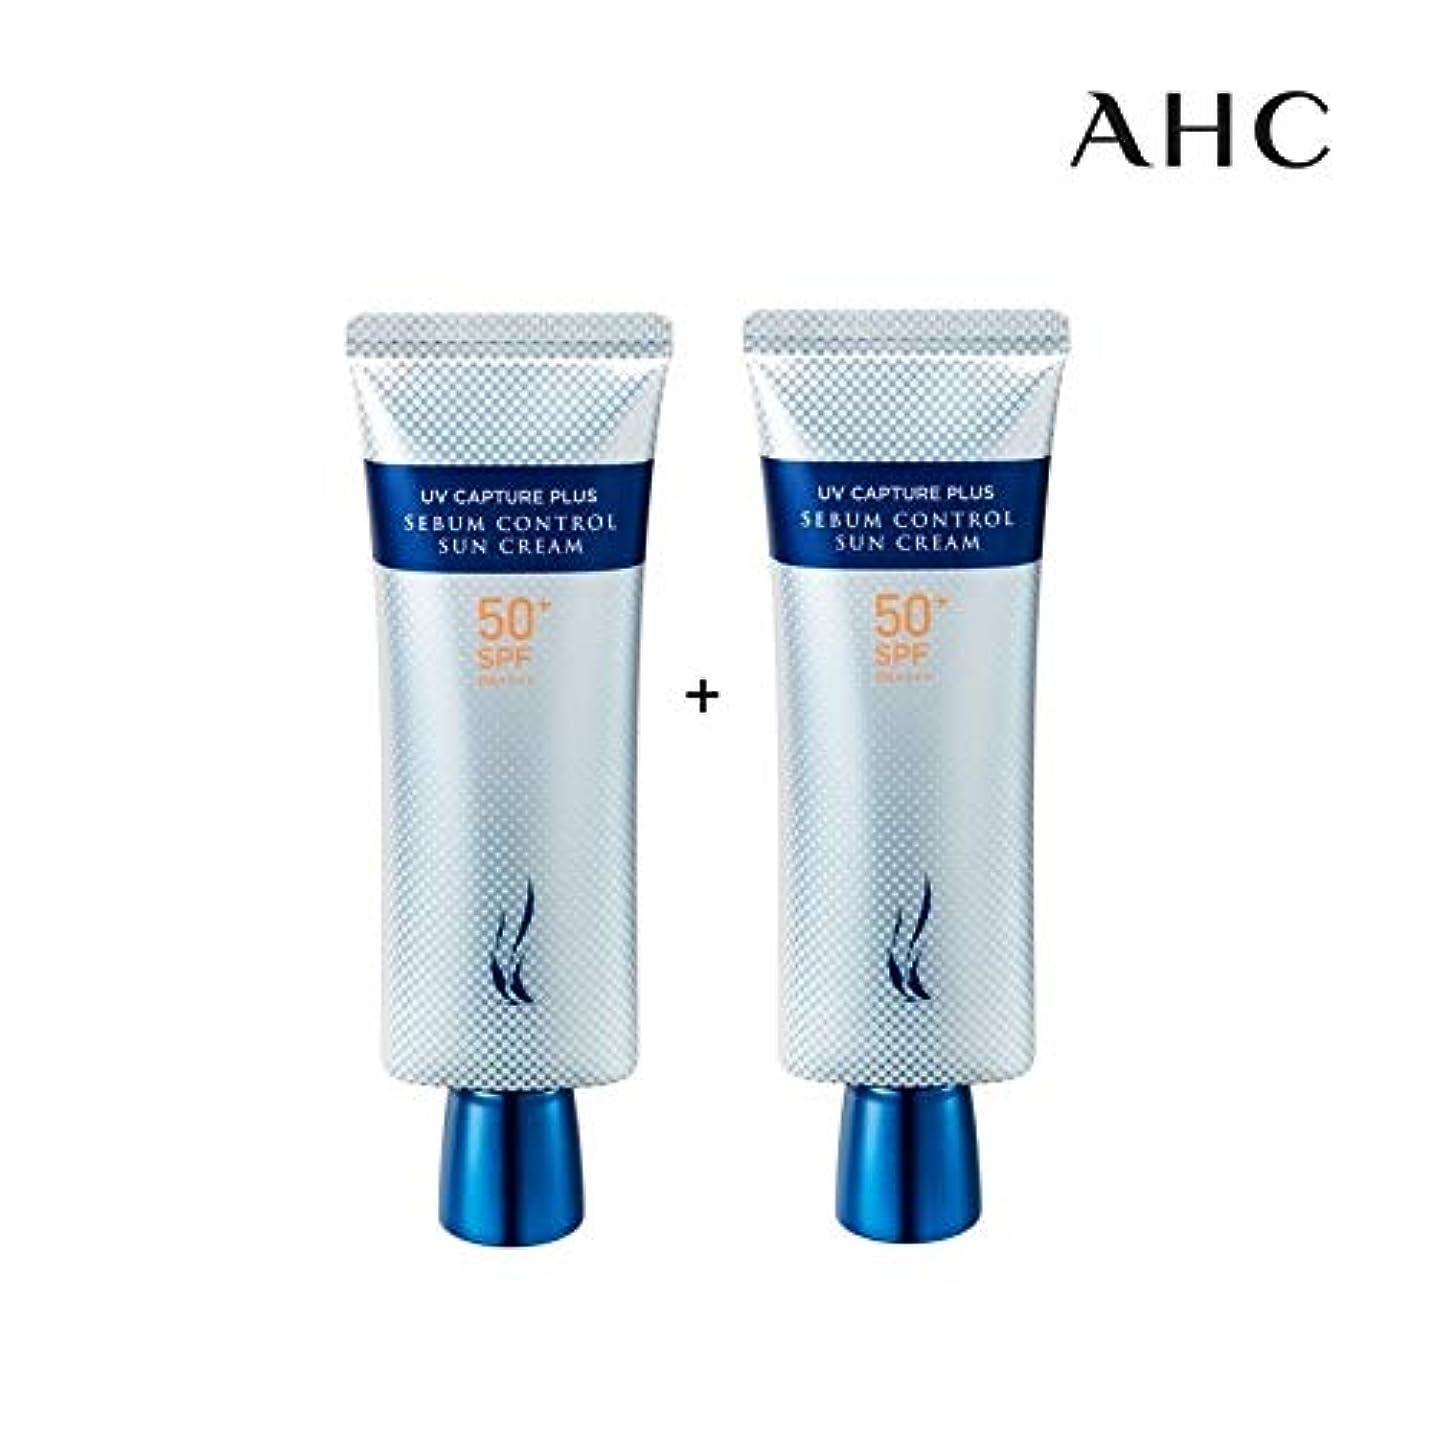 店員ストロー表面[1+1] [ギフト付き] AHC UV キャプチャー プラス シーバム コントロール サンクリーム SPF50+/PA++++ 50ml